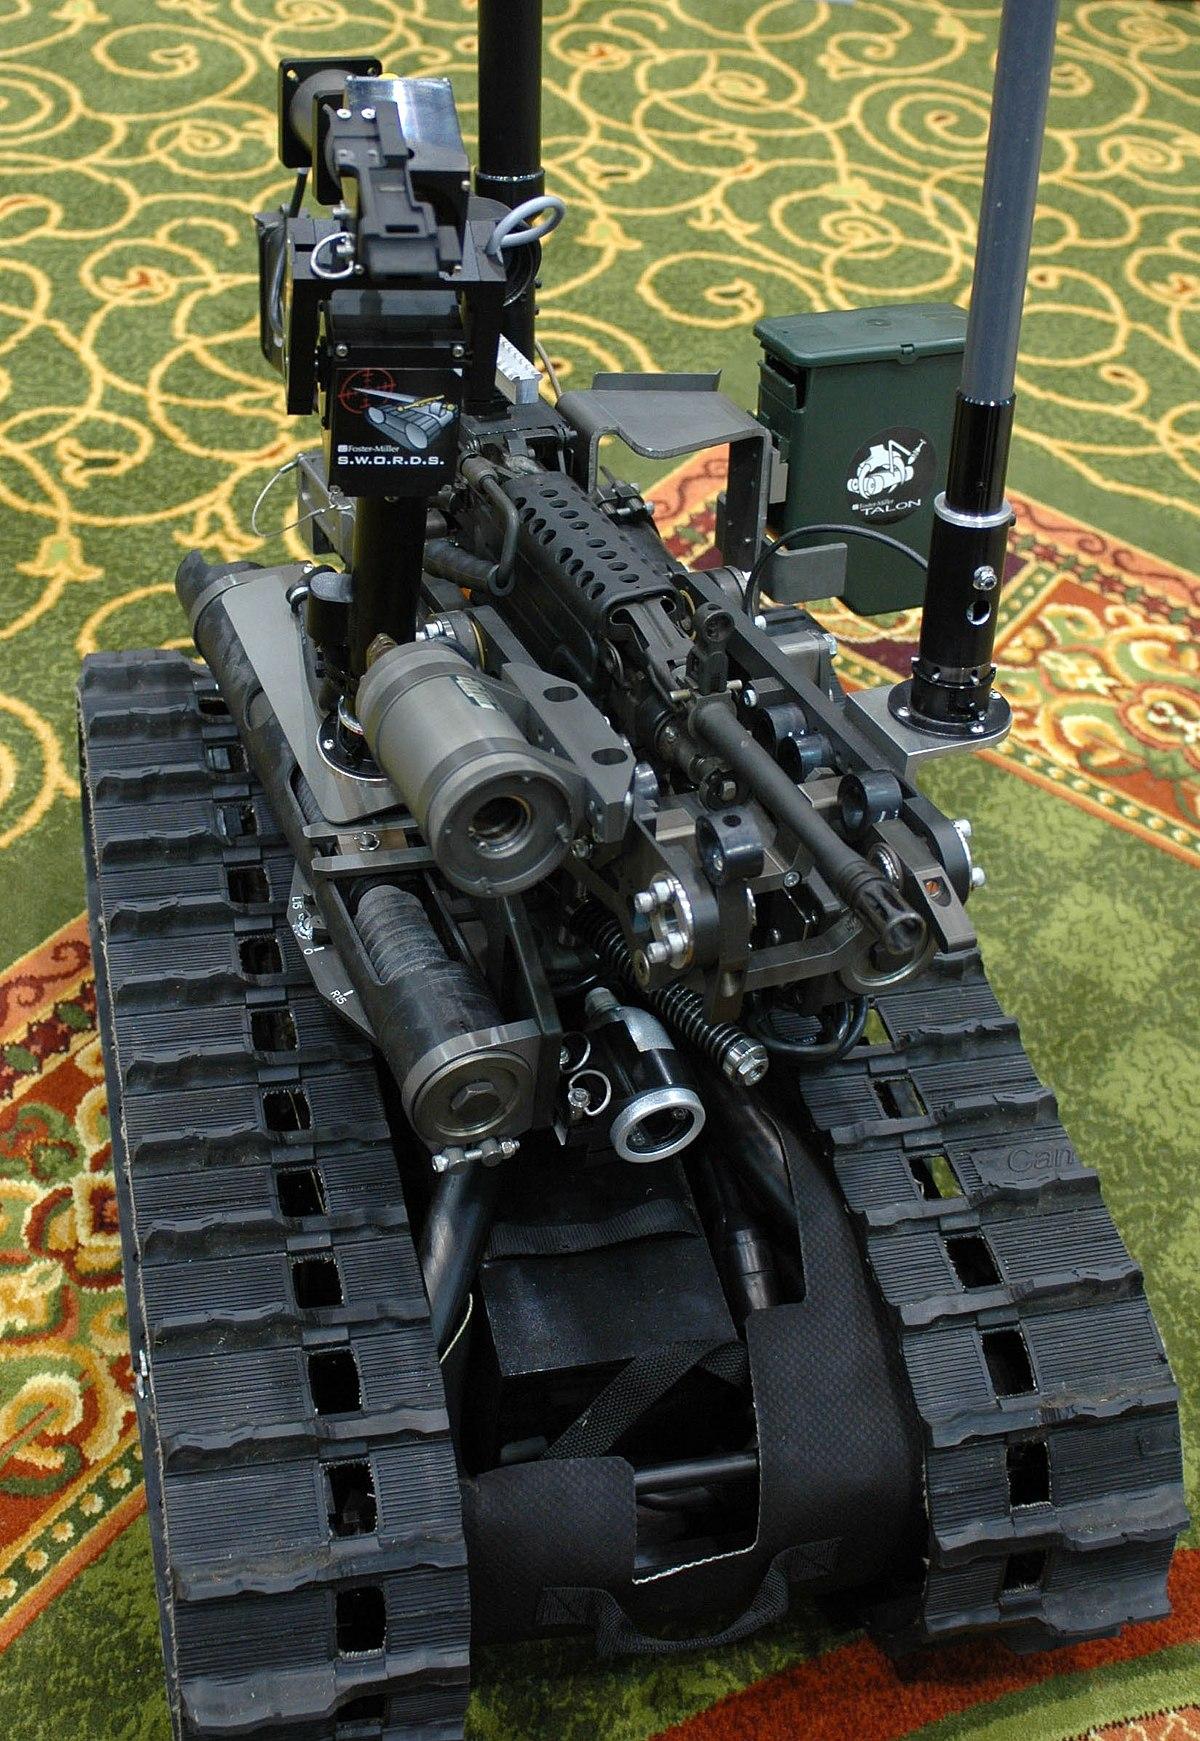 https://upload.wikimedia.org/wikipedia/commons/thumb/3/3e/SWORDS_robot.jpg/1200px-SWORDS_robot.jpg